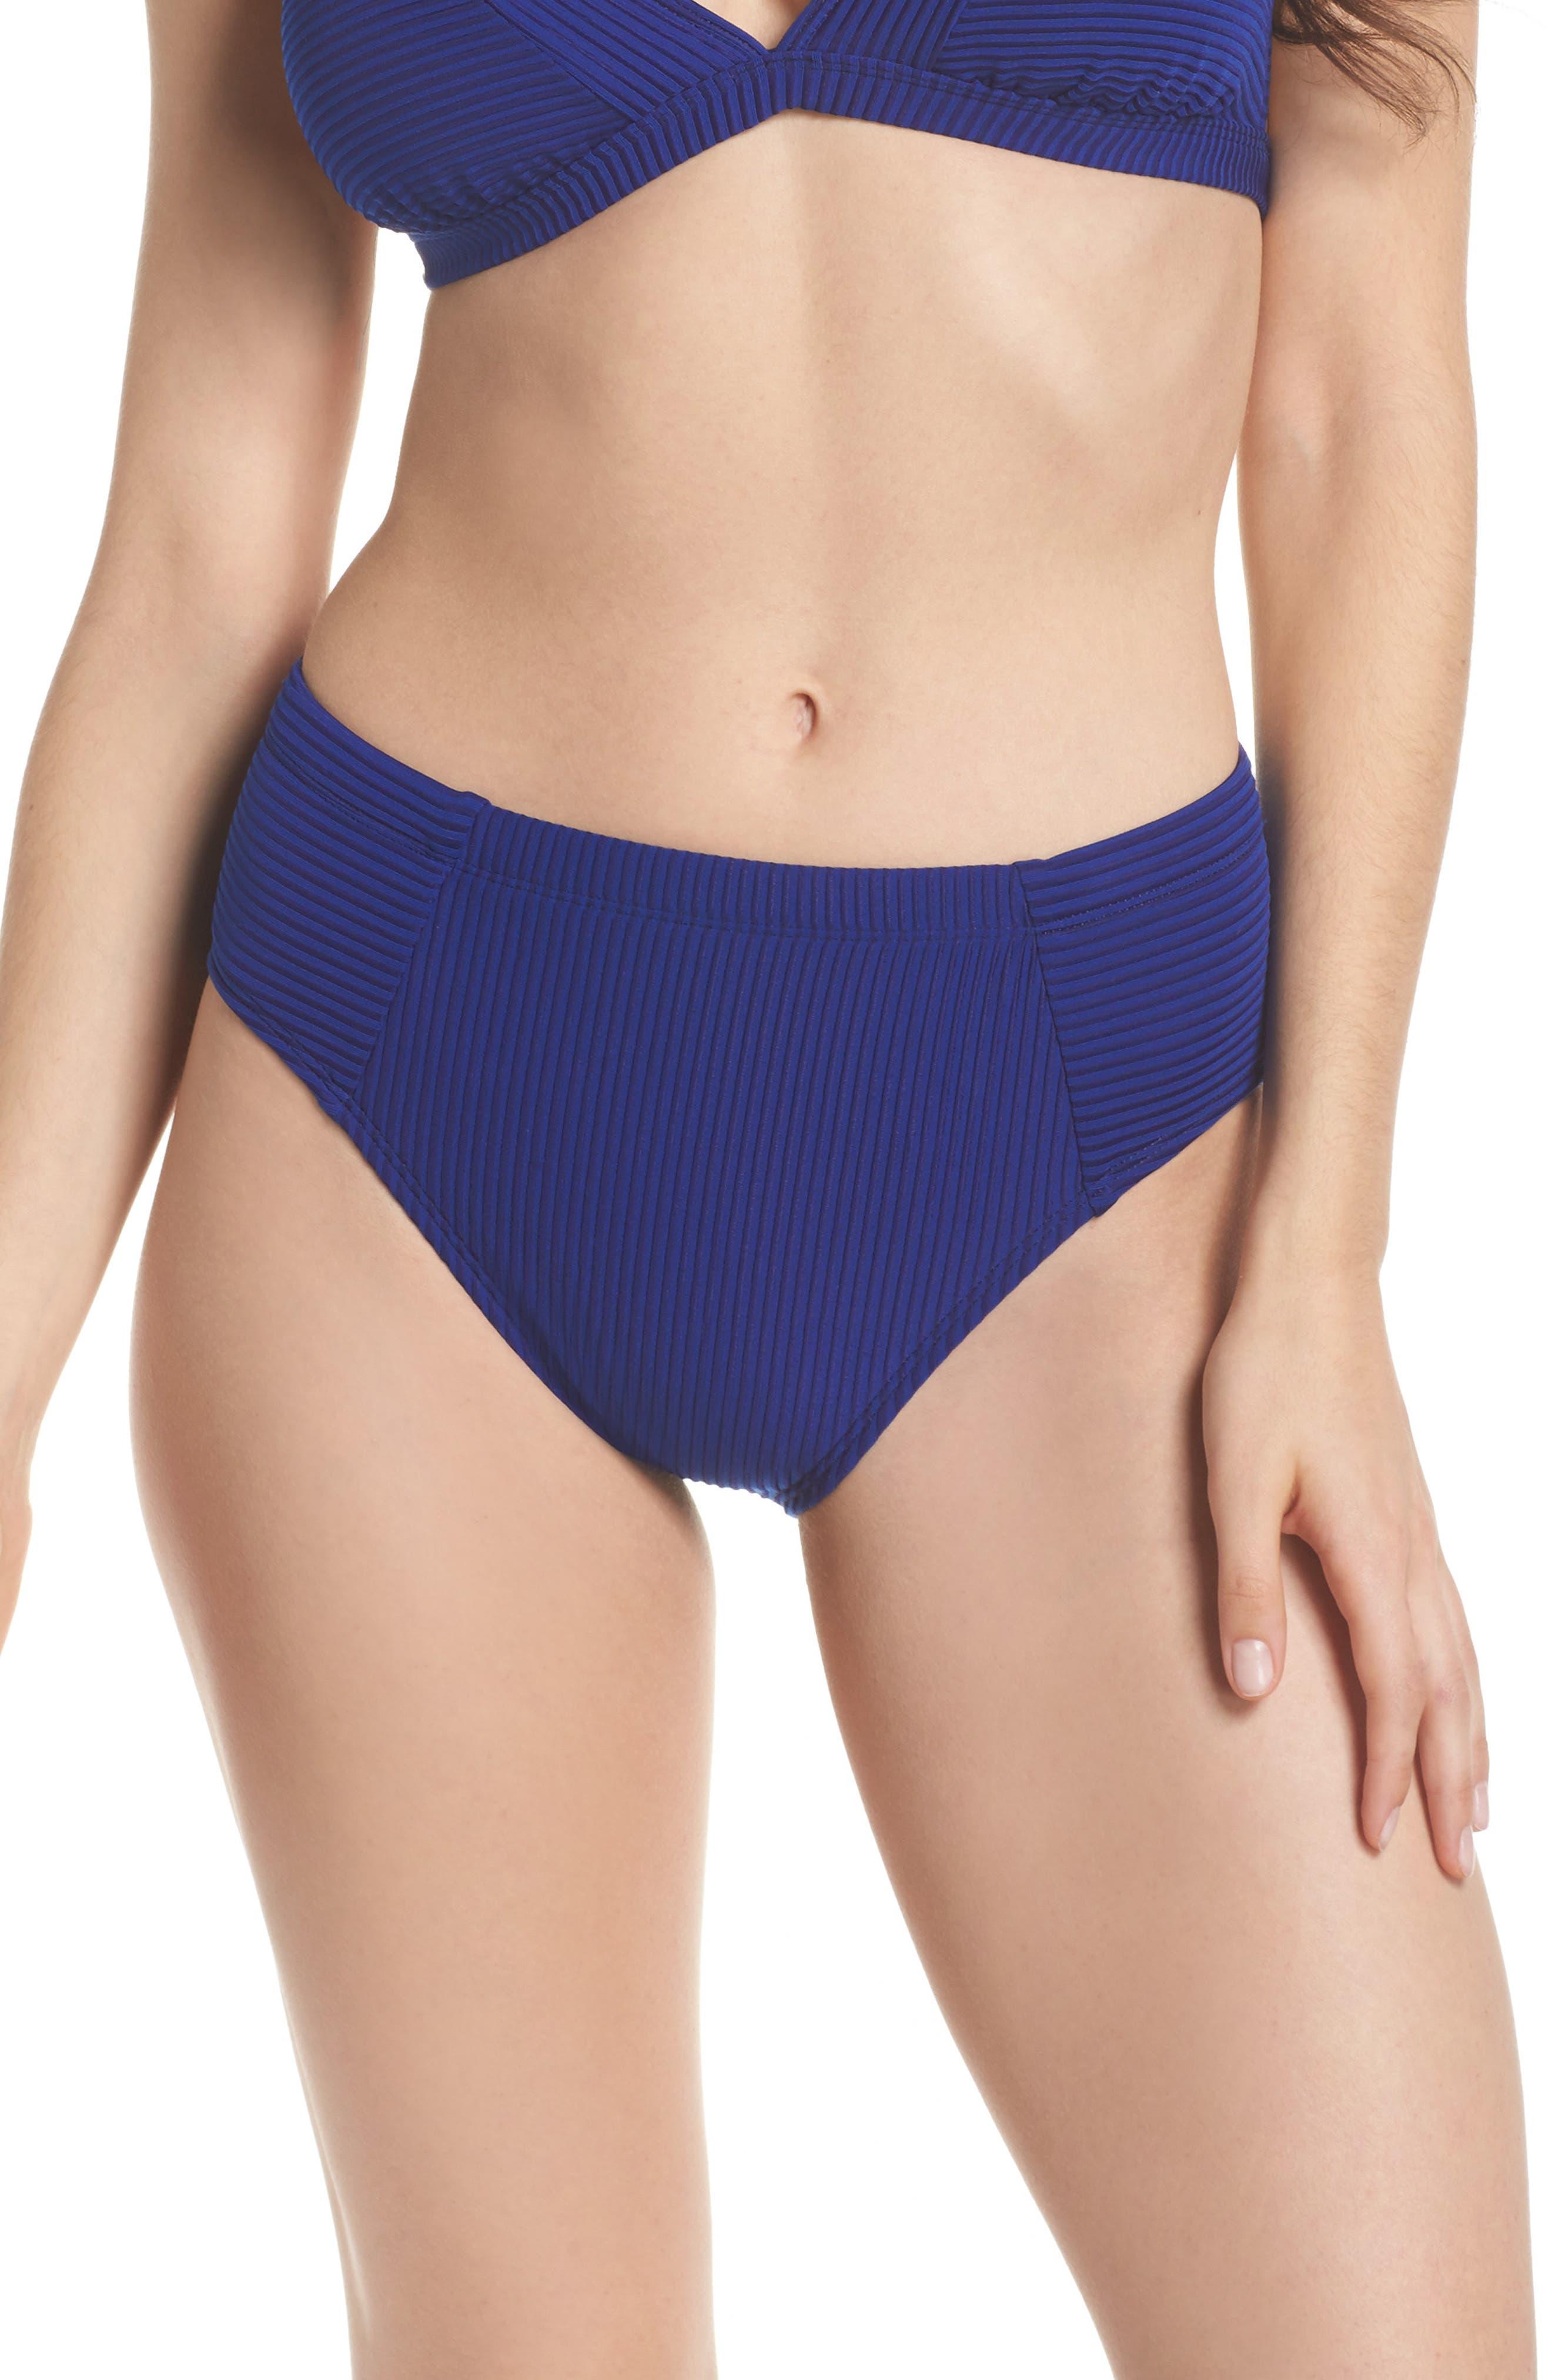 Becca High Waist Bikini Bottoms,                         Main,                         color, Apollo Blue